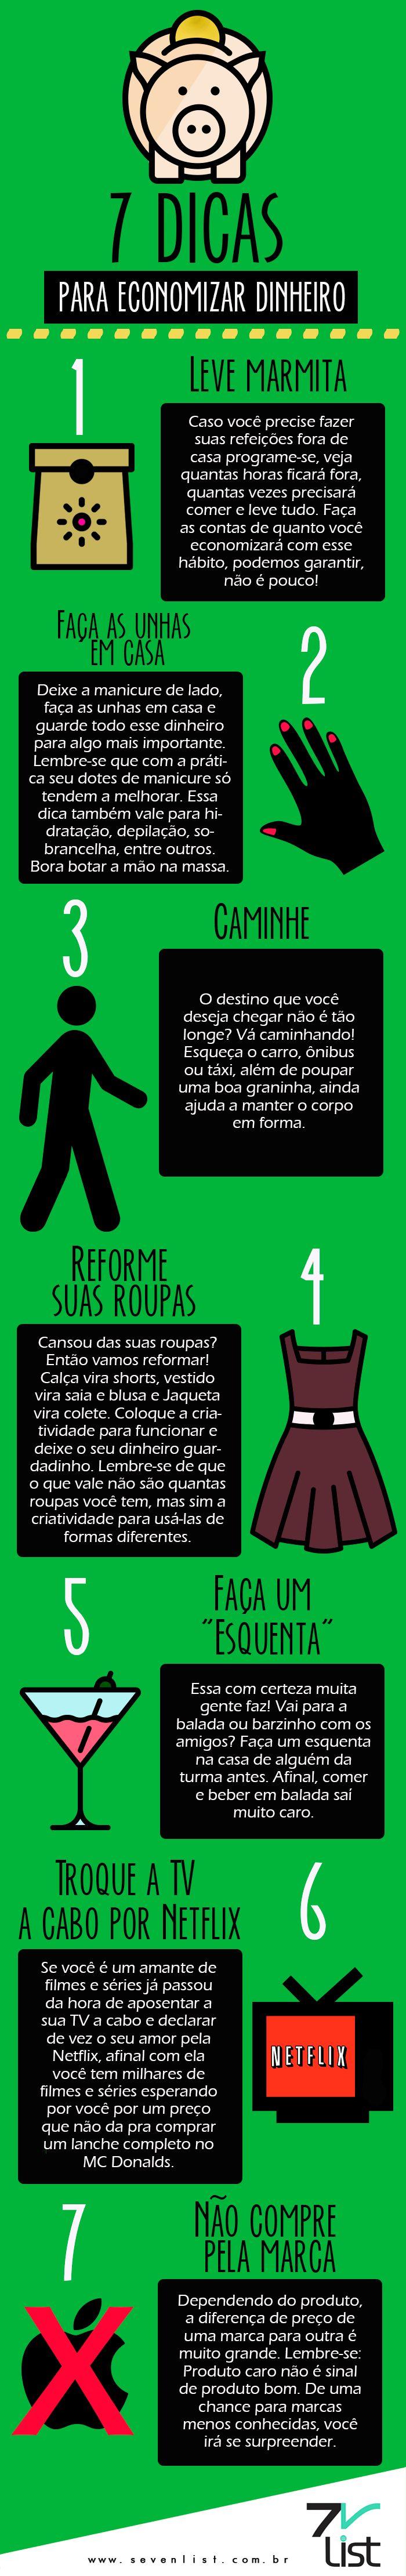 #Infográfico #Dinheiro #Economizar #Money #Future #Netflix www.sevenlist.com.br